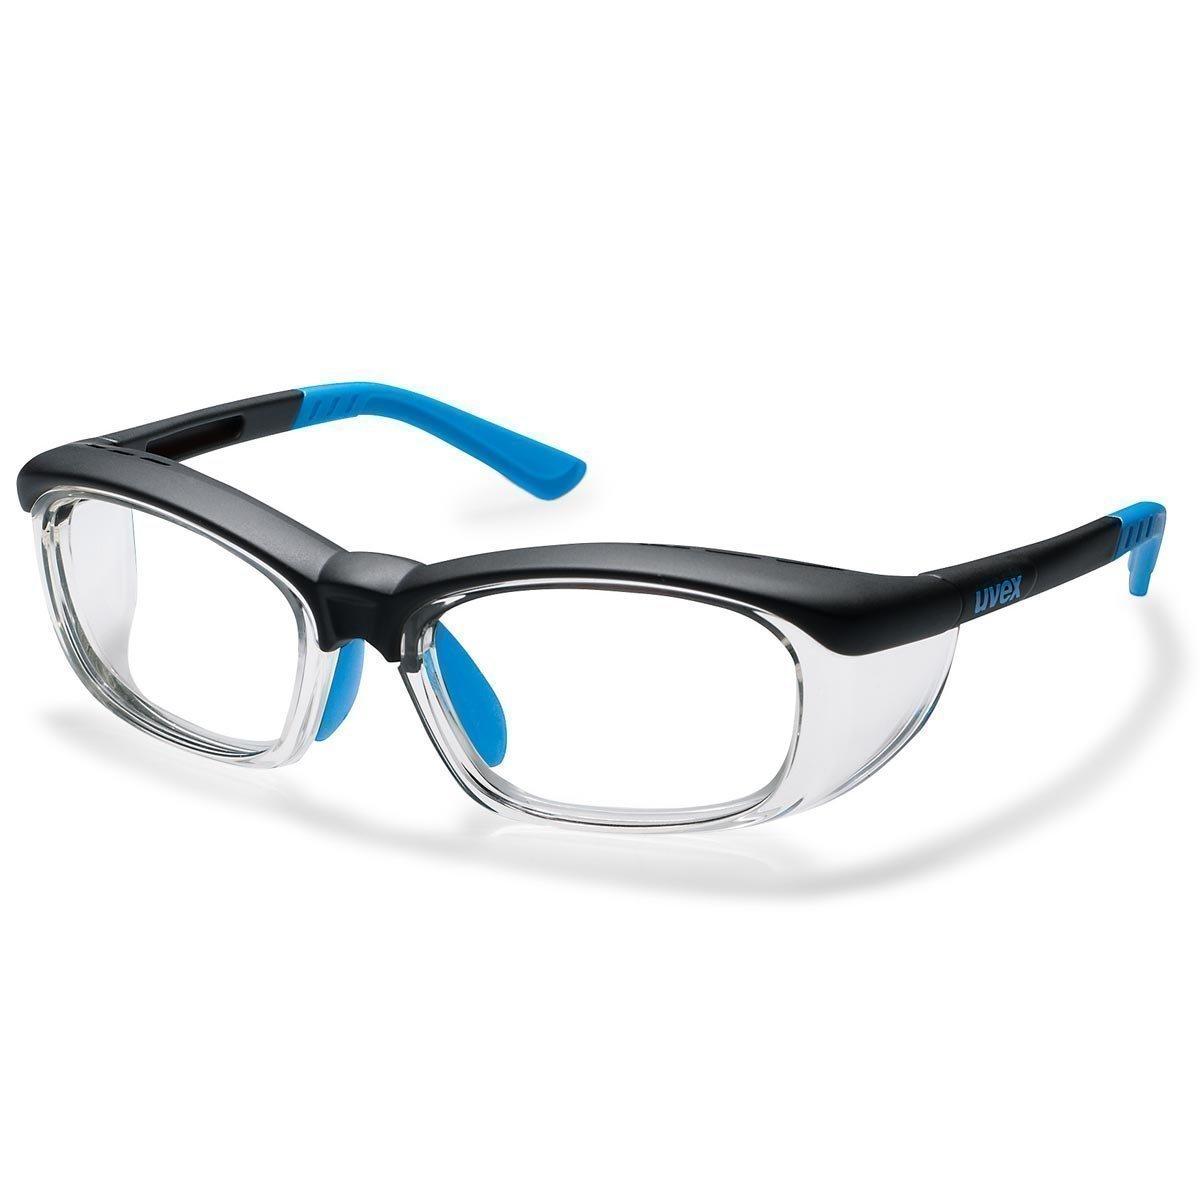 Uvex Korrektionsschutzbrille RX cd 5514 - Keine Entspiegelung